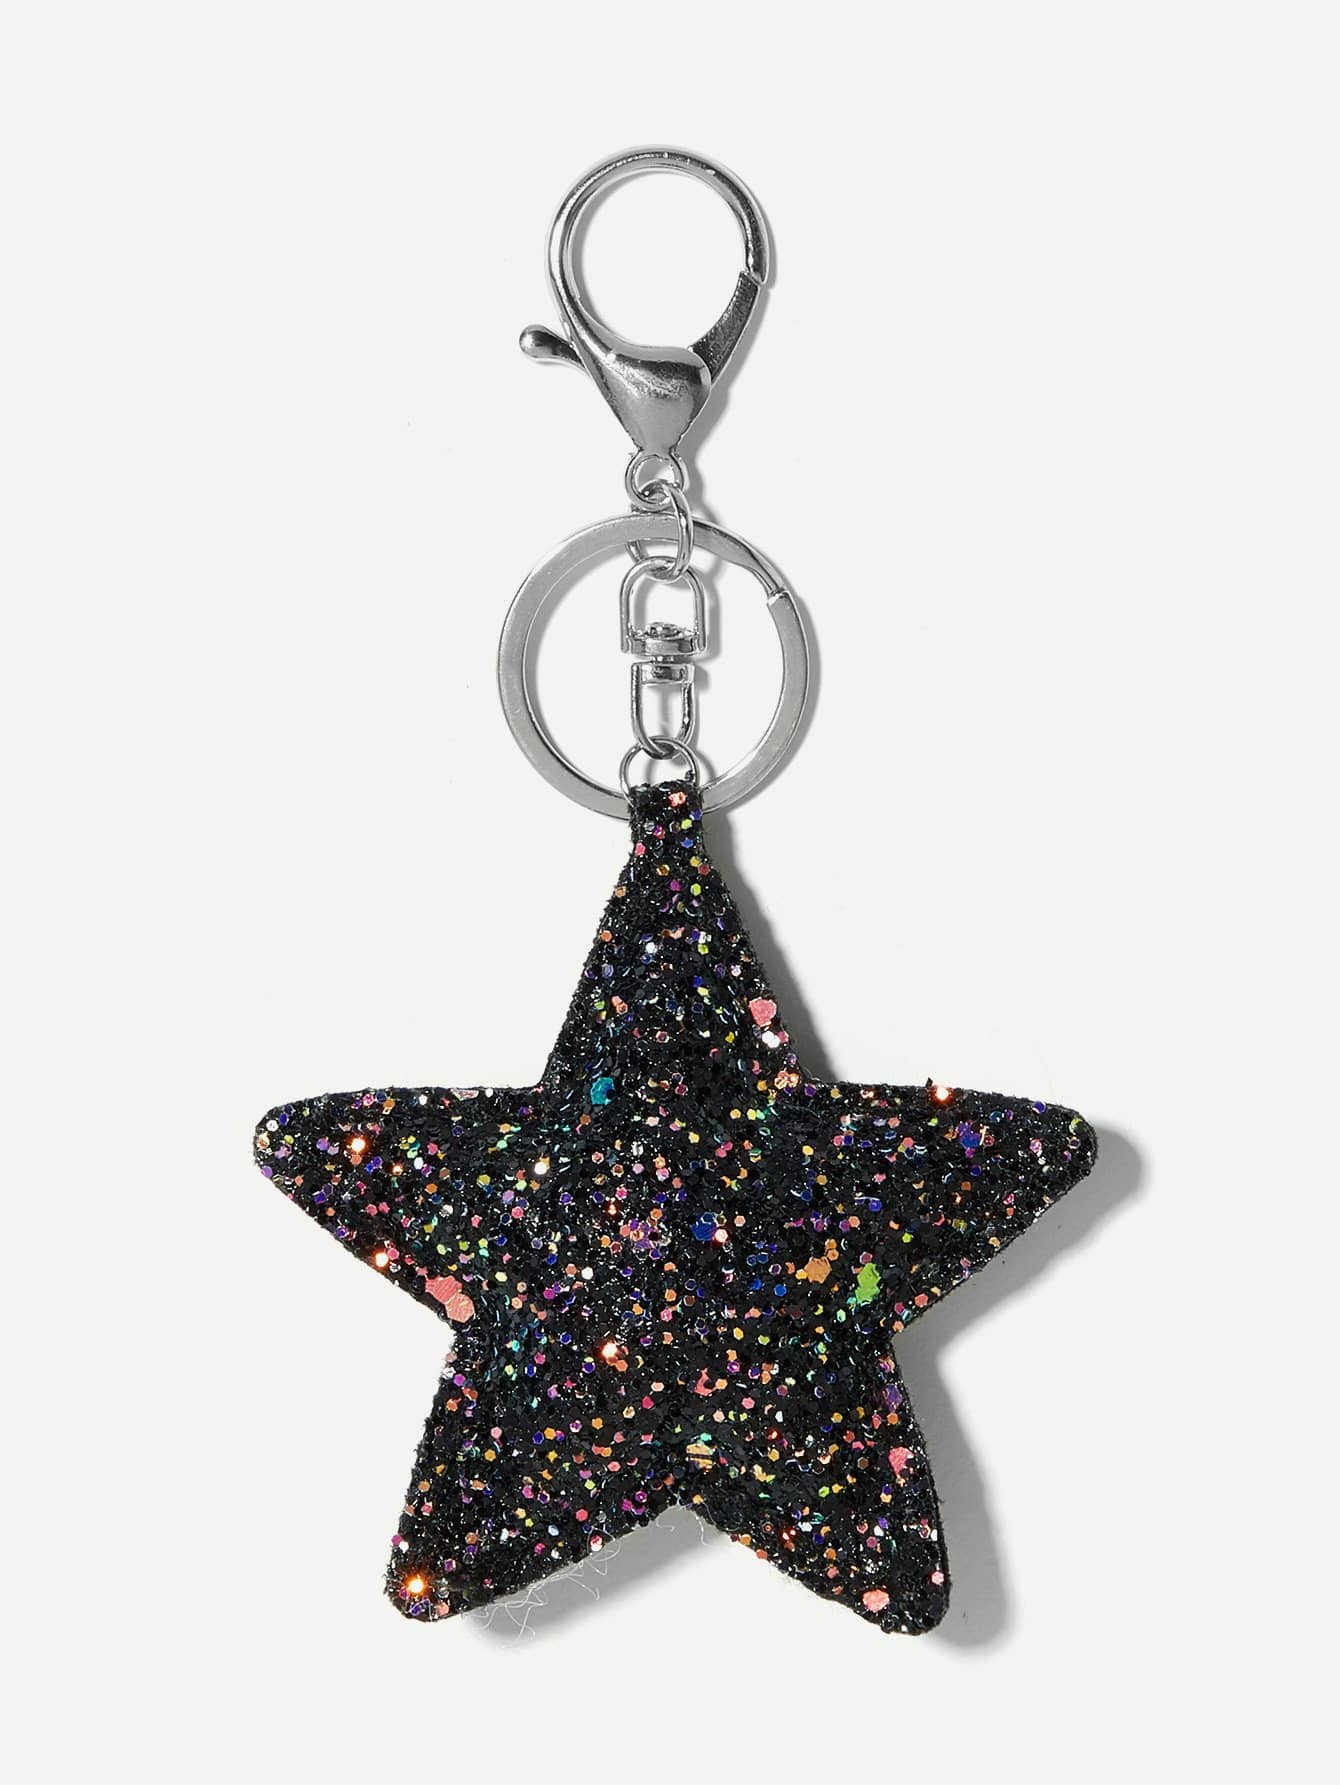 Брелок звезда с блестками, null, SheIn  - купить со скидкой